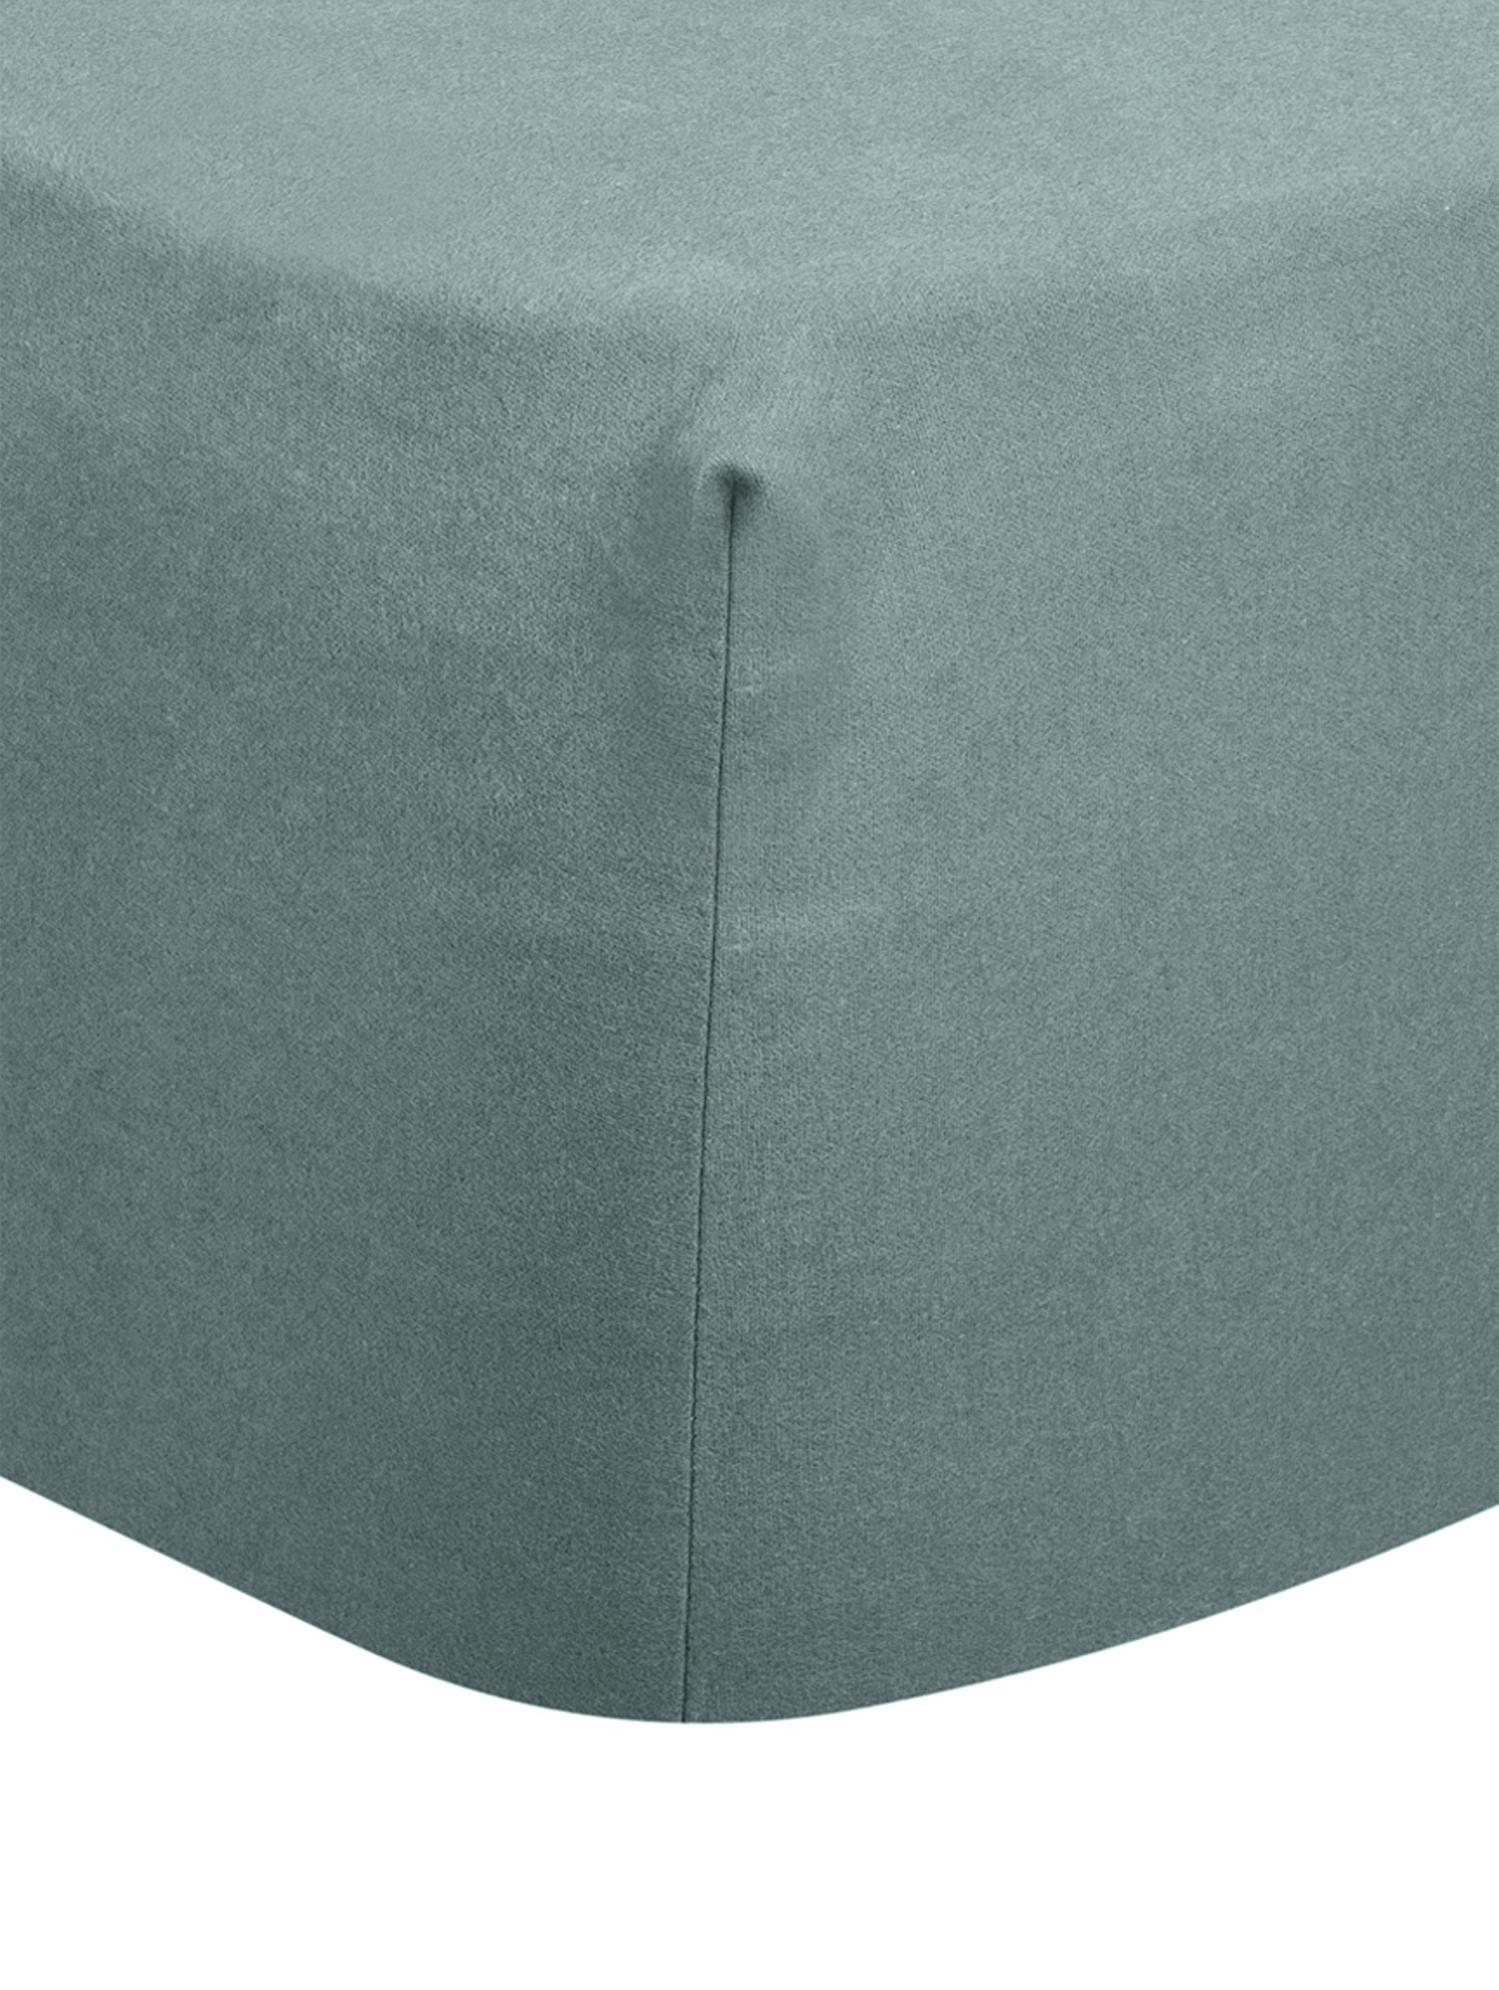 Hoeslaken Biba, flanel, Weeftechniek: flanel, Donkergroen, 90 x 200 cm